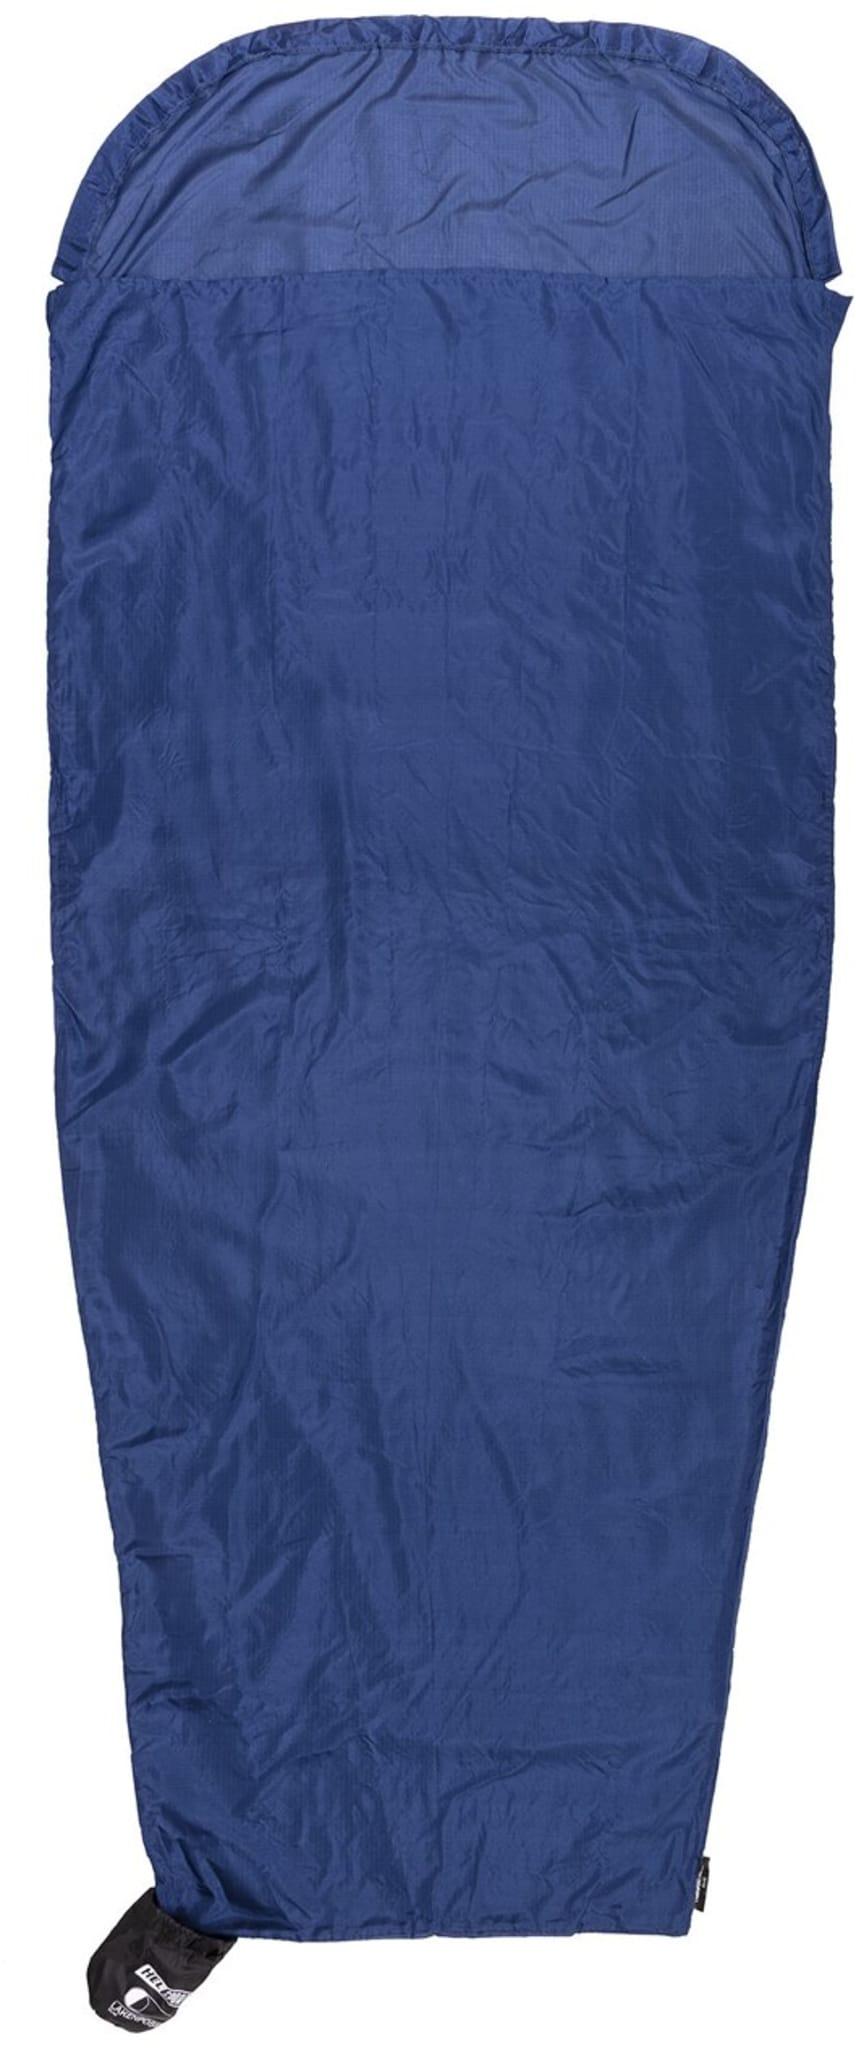 Lakenpose Fasong silke